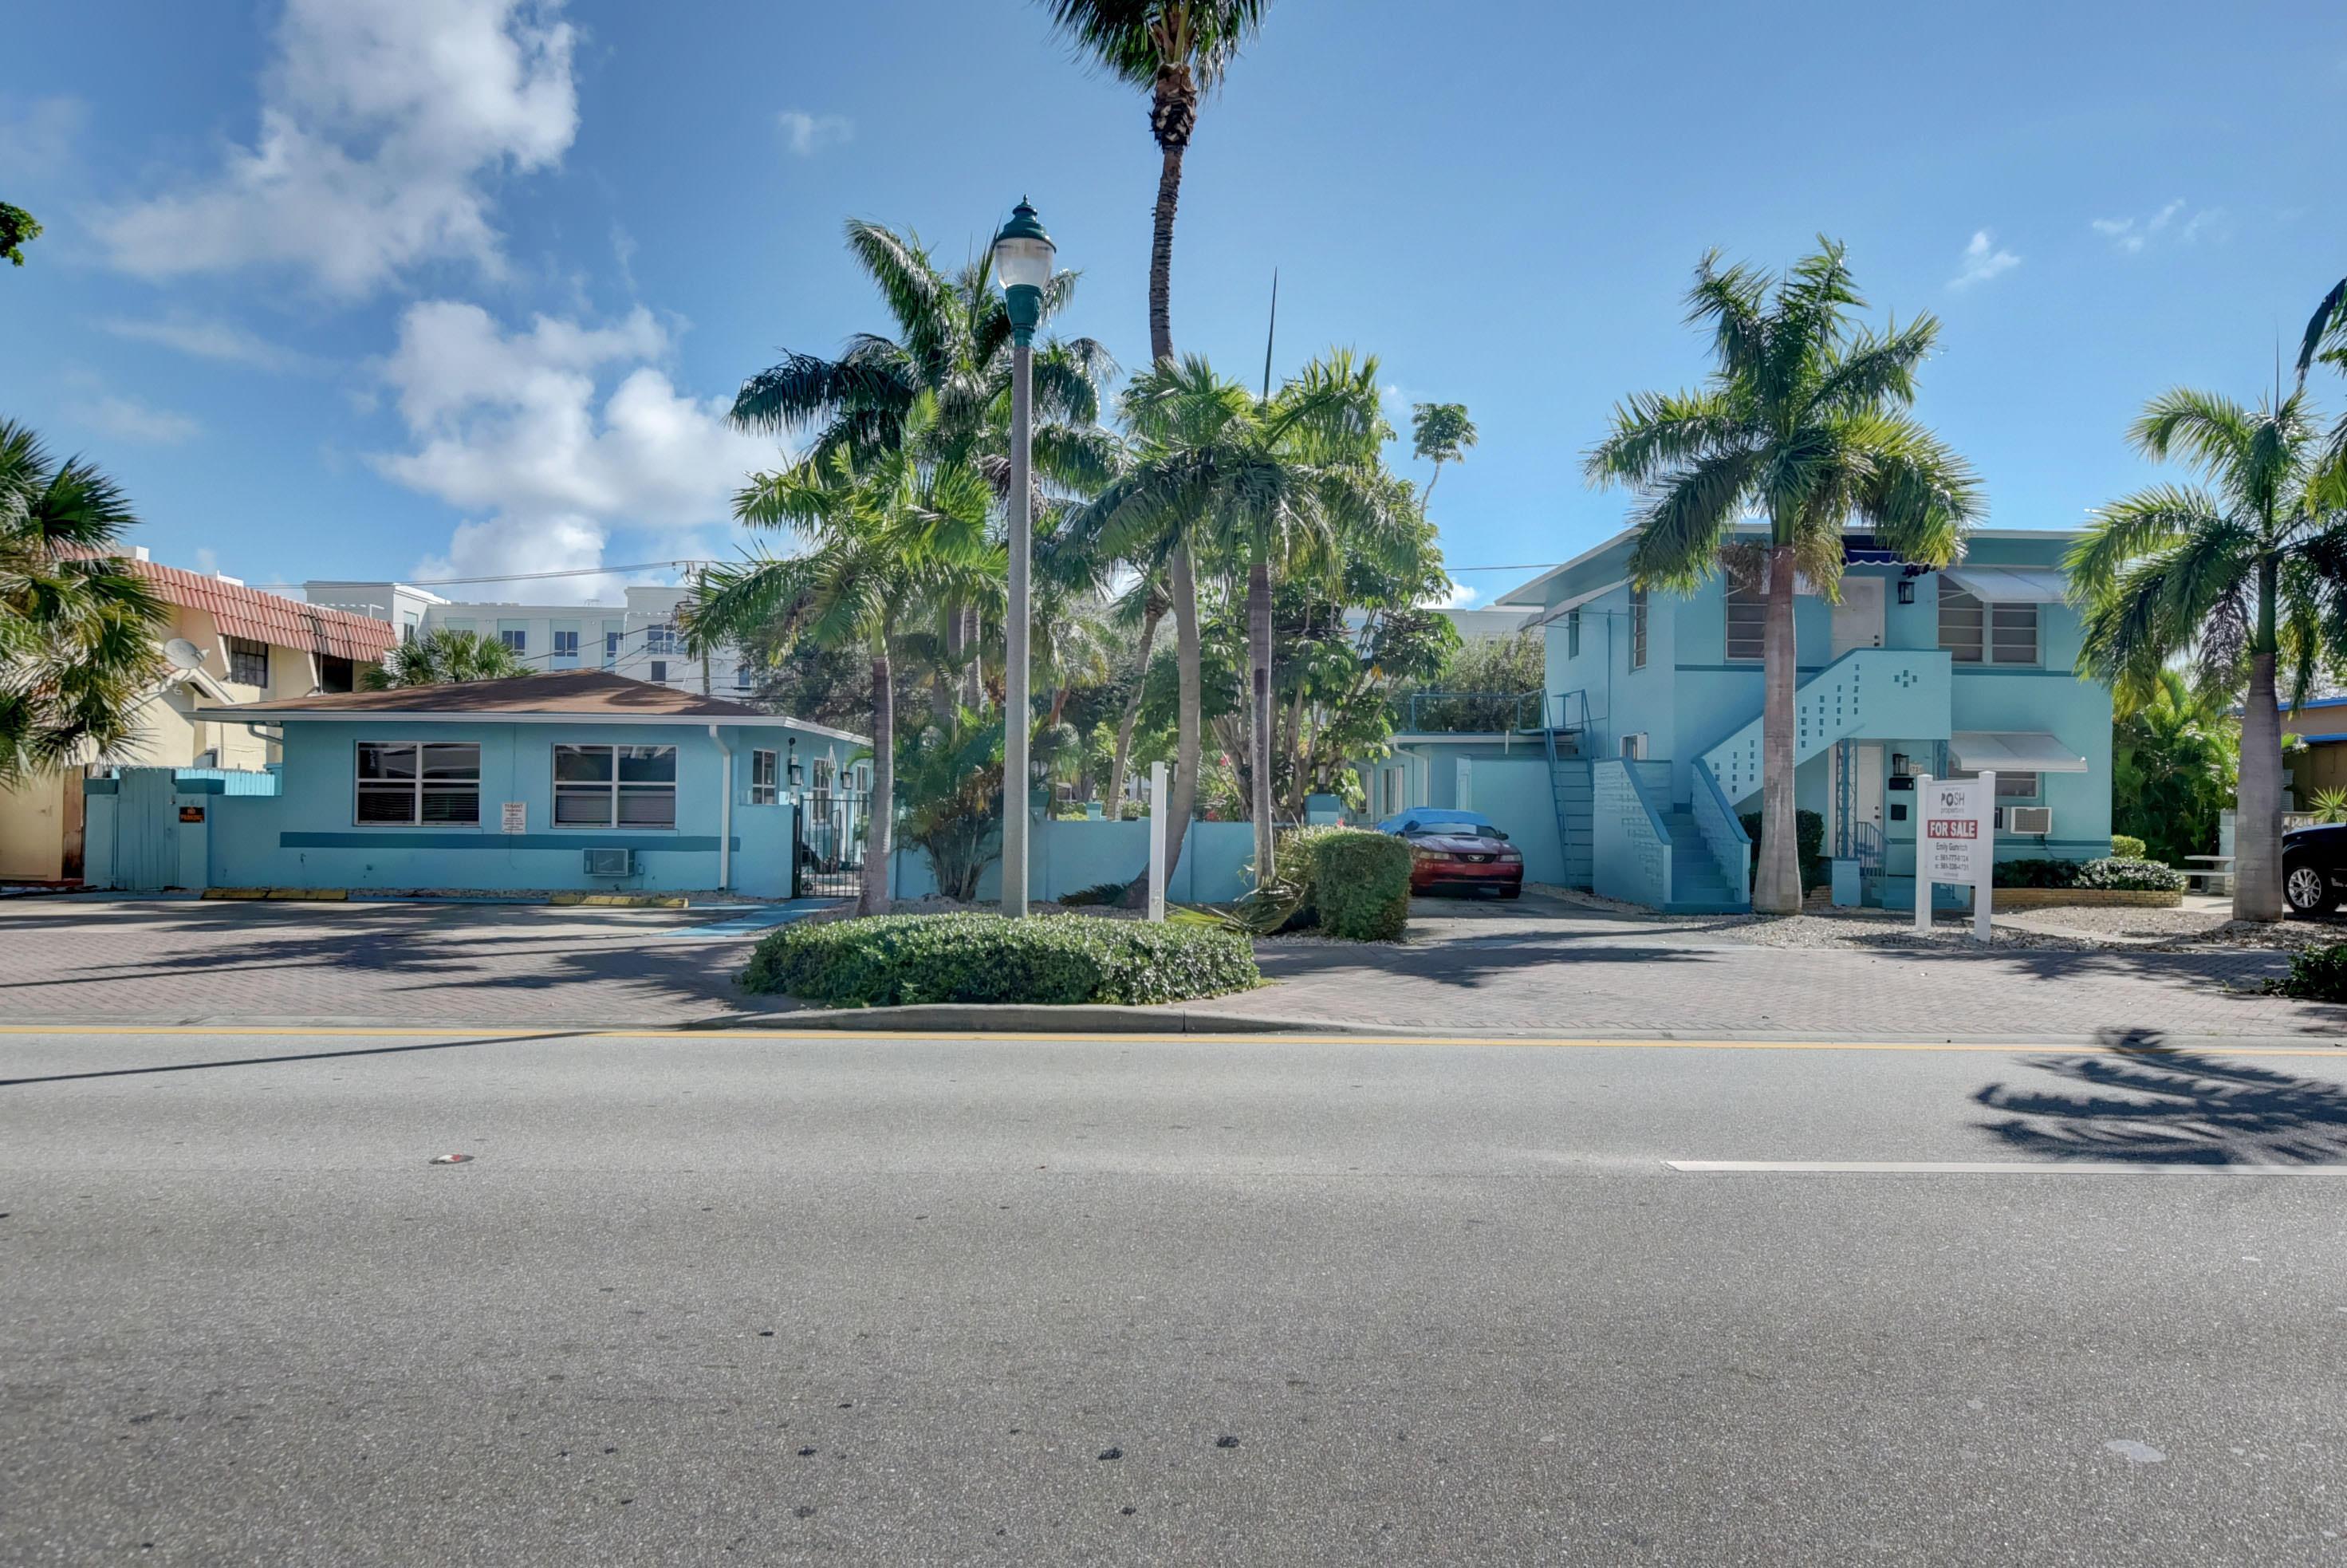 173 5th Avenue, Delray Beach, Florida 33483, ,Quad Plex,For Sale,5th,RX-10683393